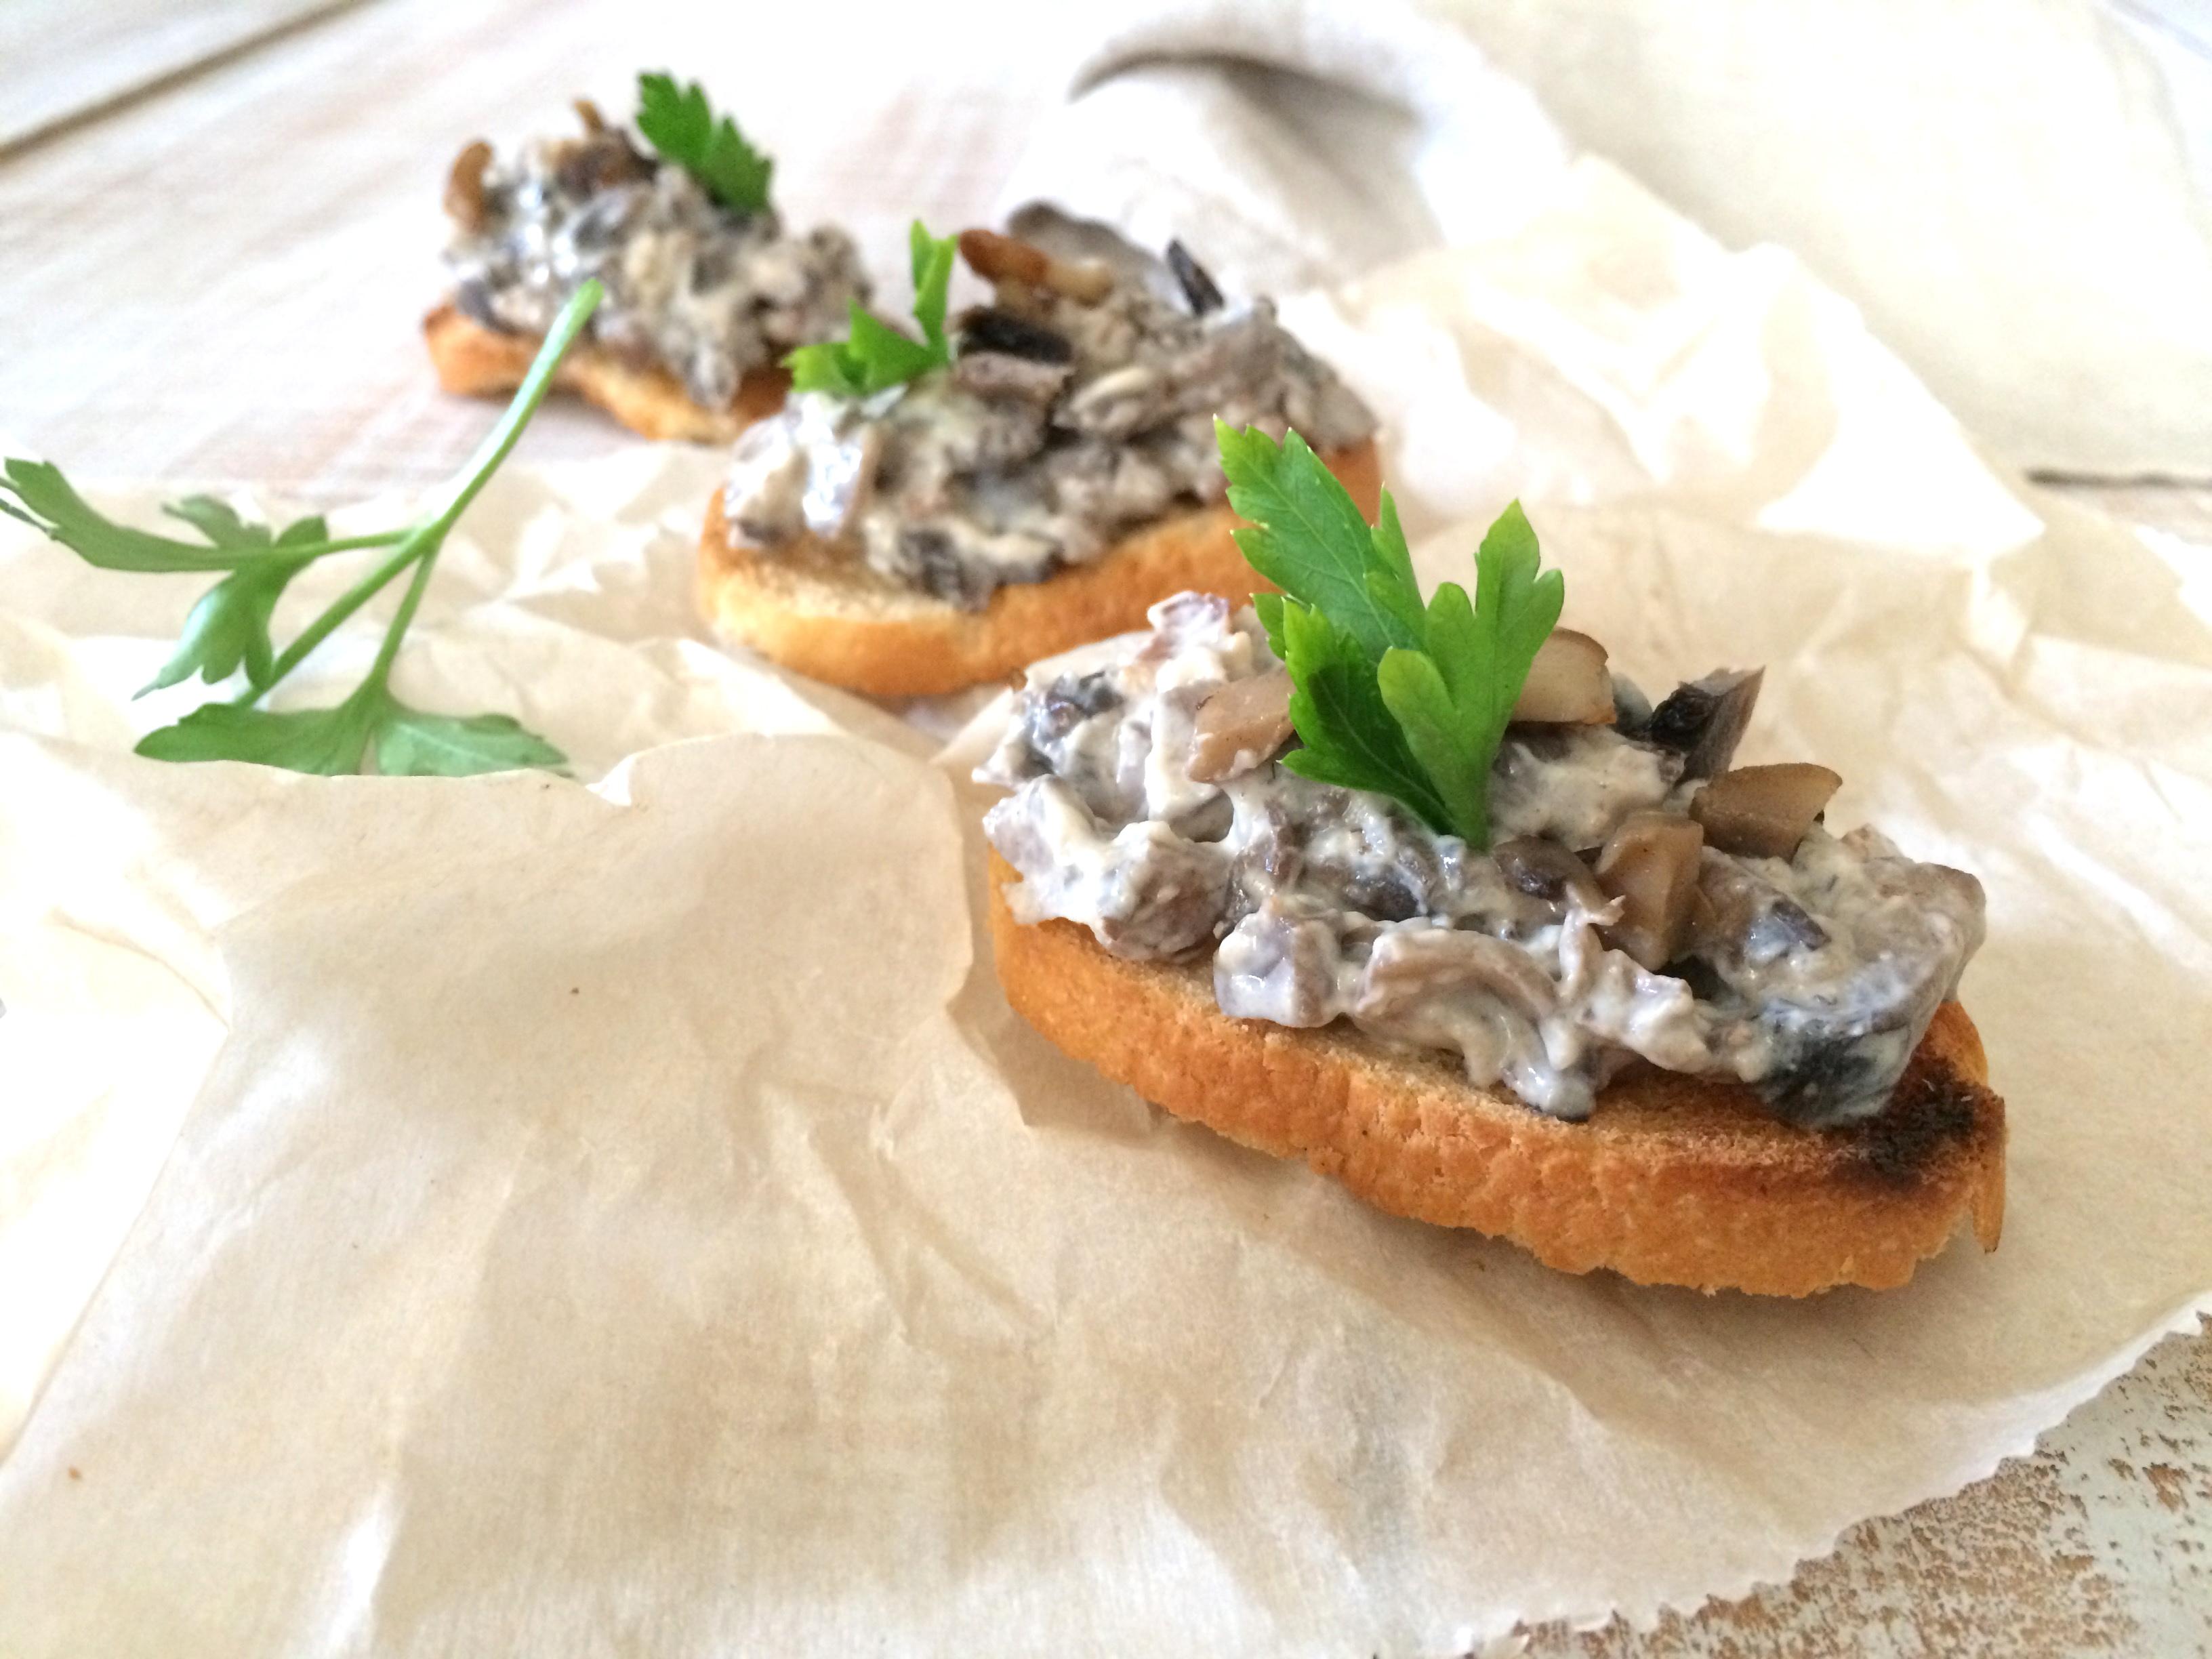 Pate de hongos portobello